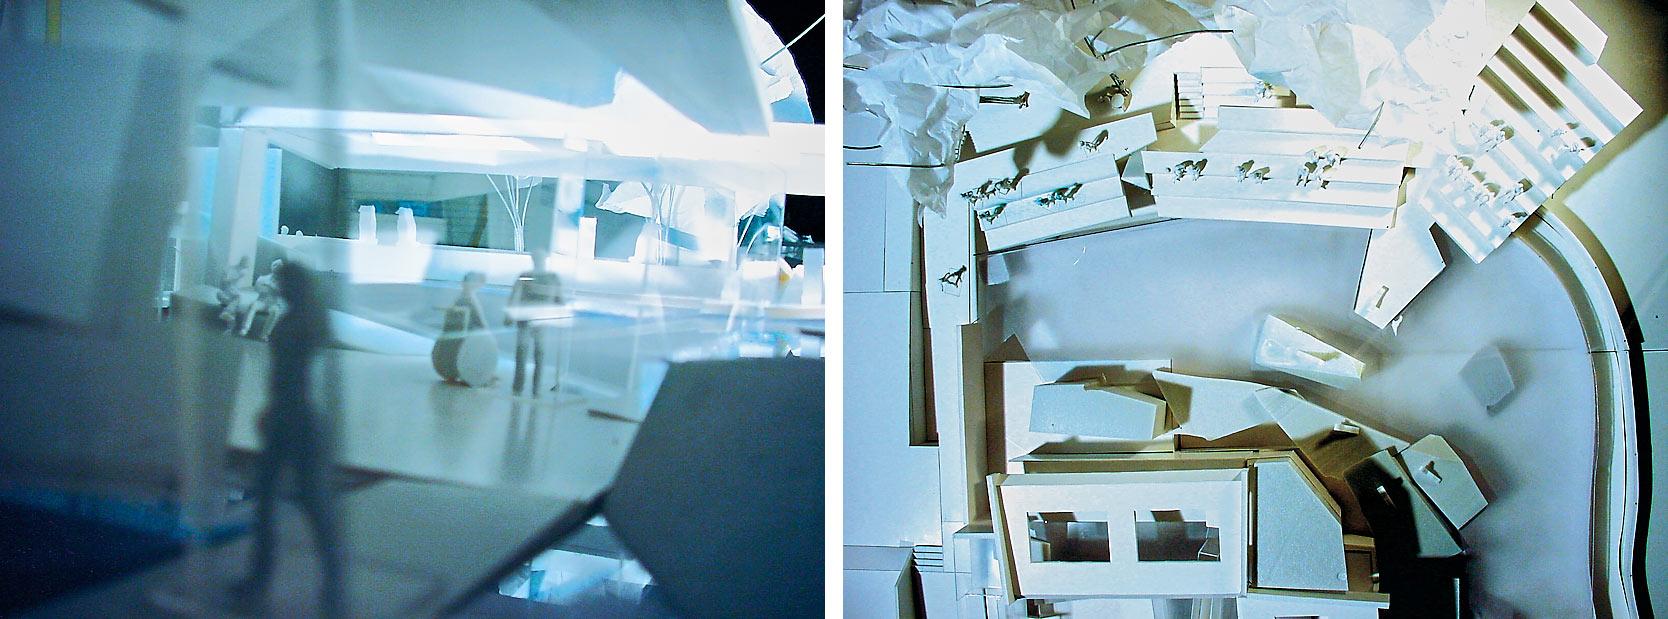 Polarium Competition: Model